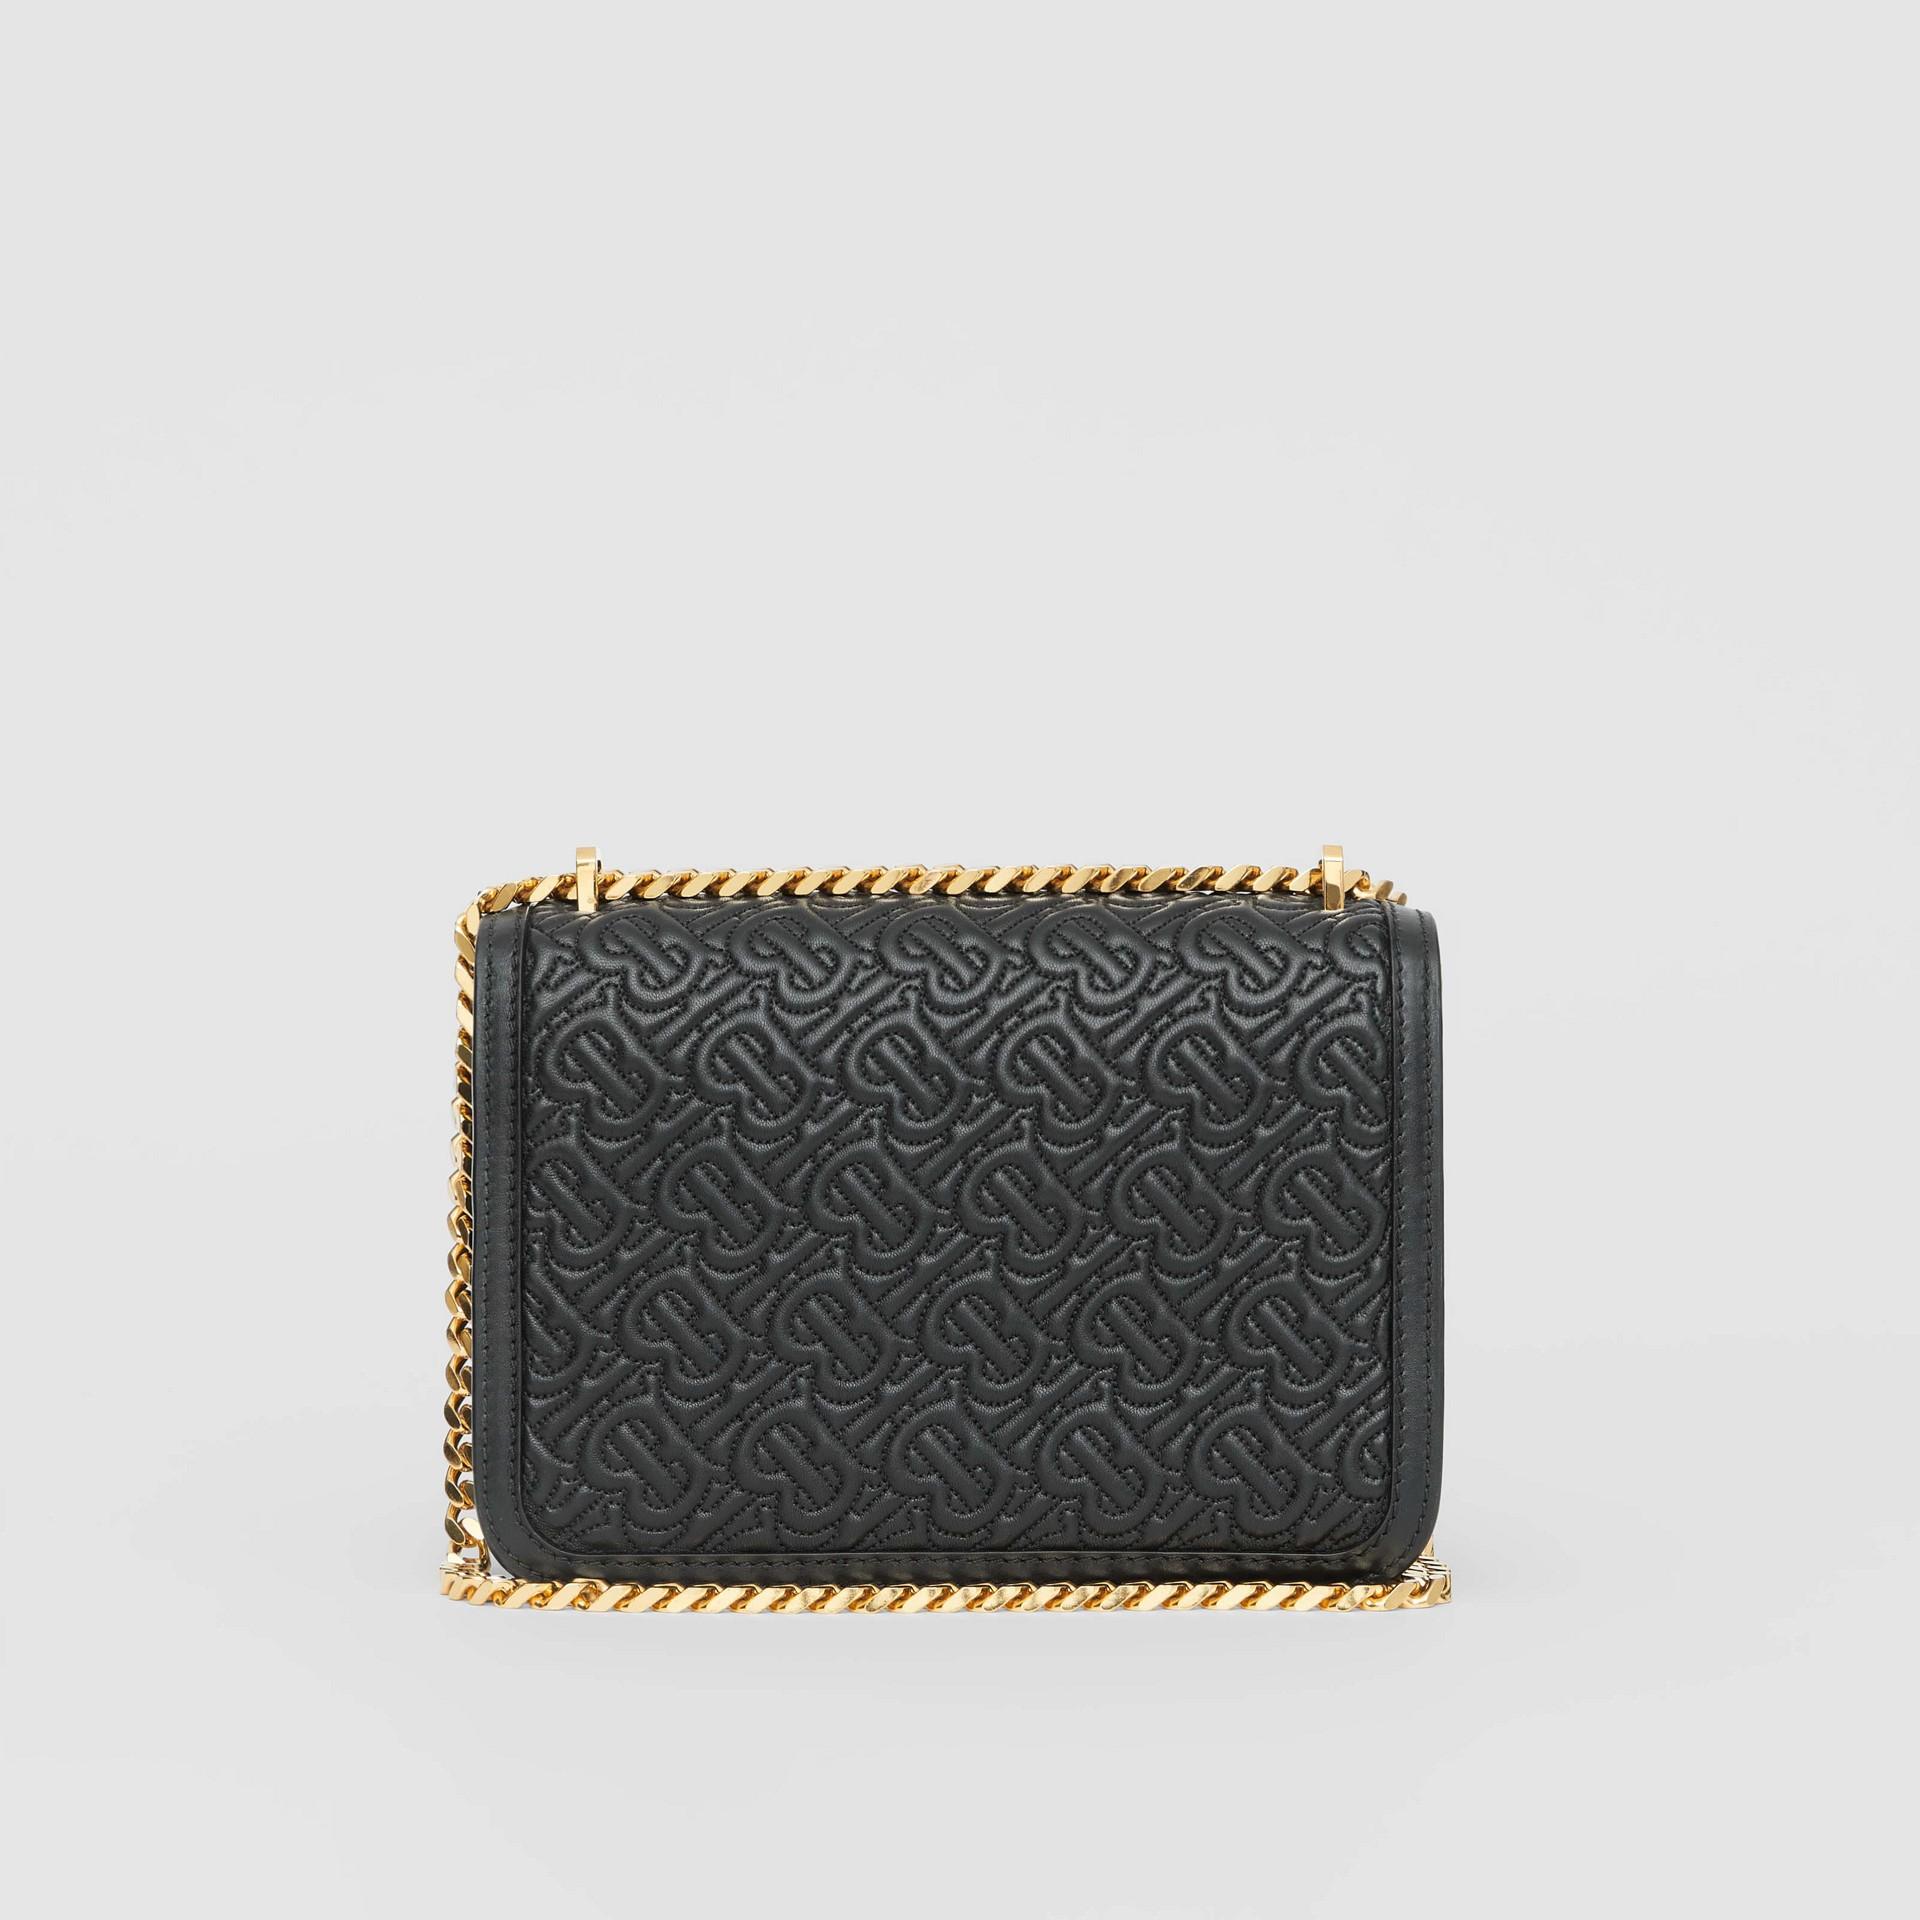 Bolsa TB de couro de cordeiro com monograma - Pequena (Preto) - Mulheres | Burberry - galeria de imagens 6